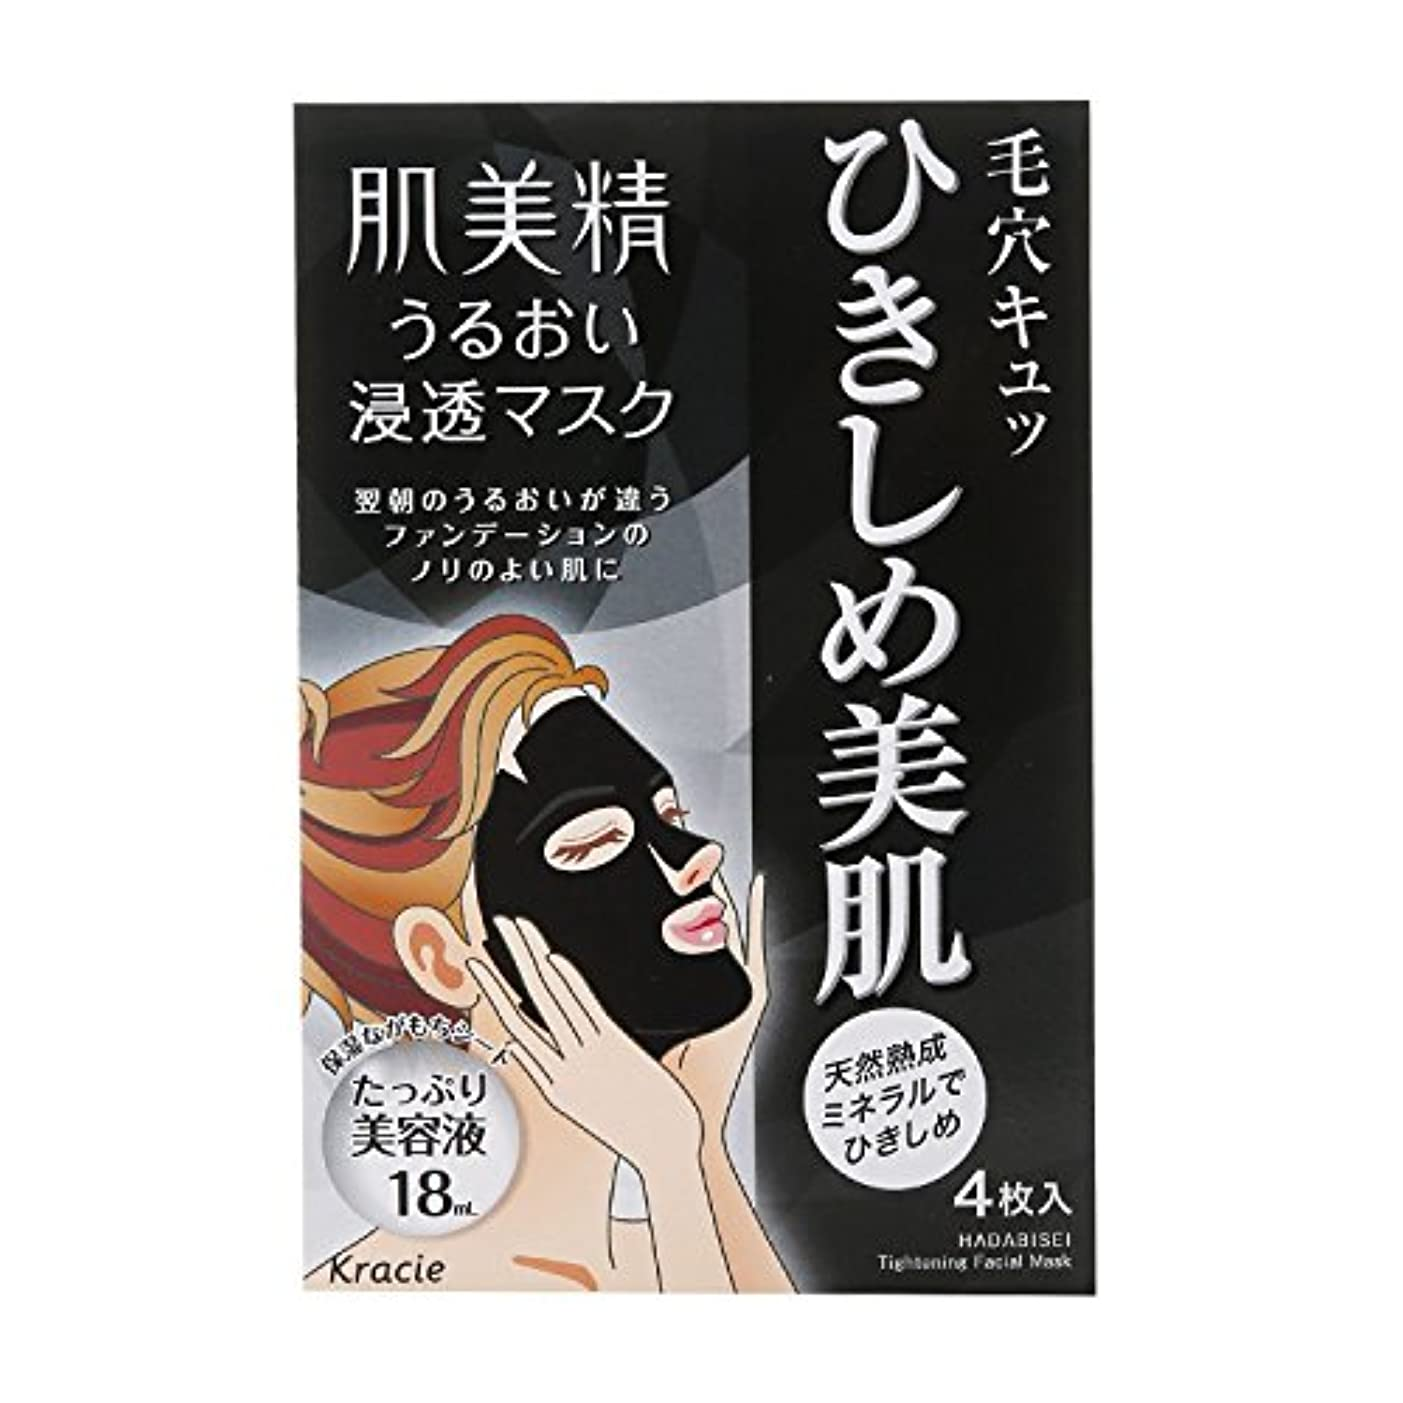 肌美精 うるおい浸透マスク (ひきしめ) 4枚 × 24個